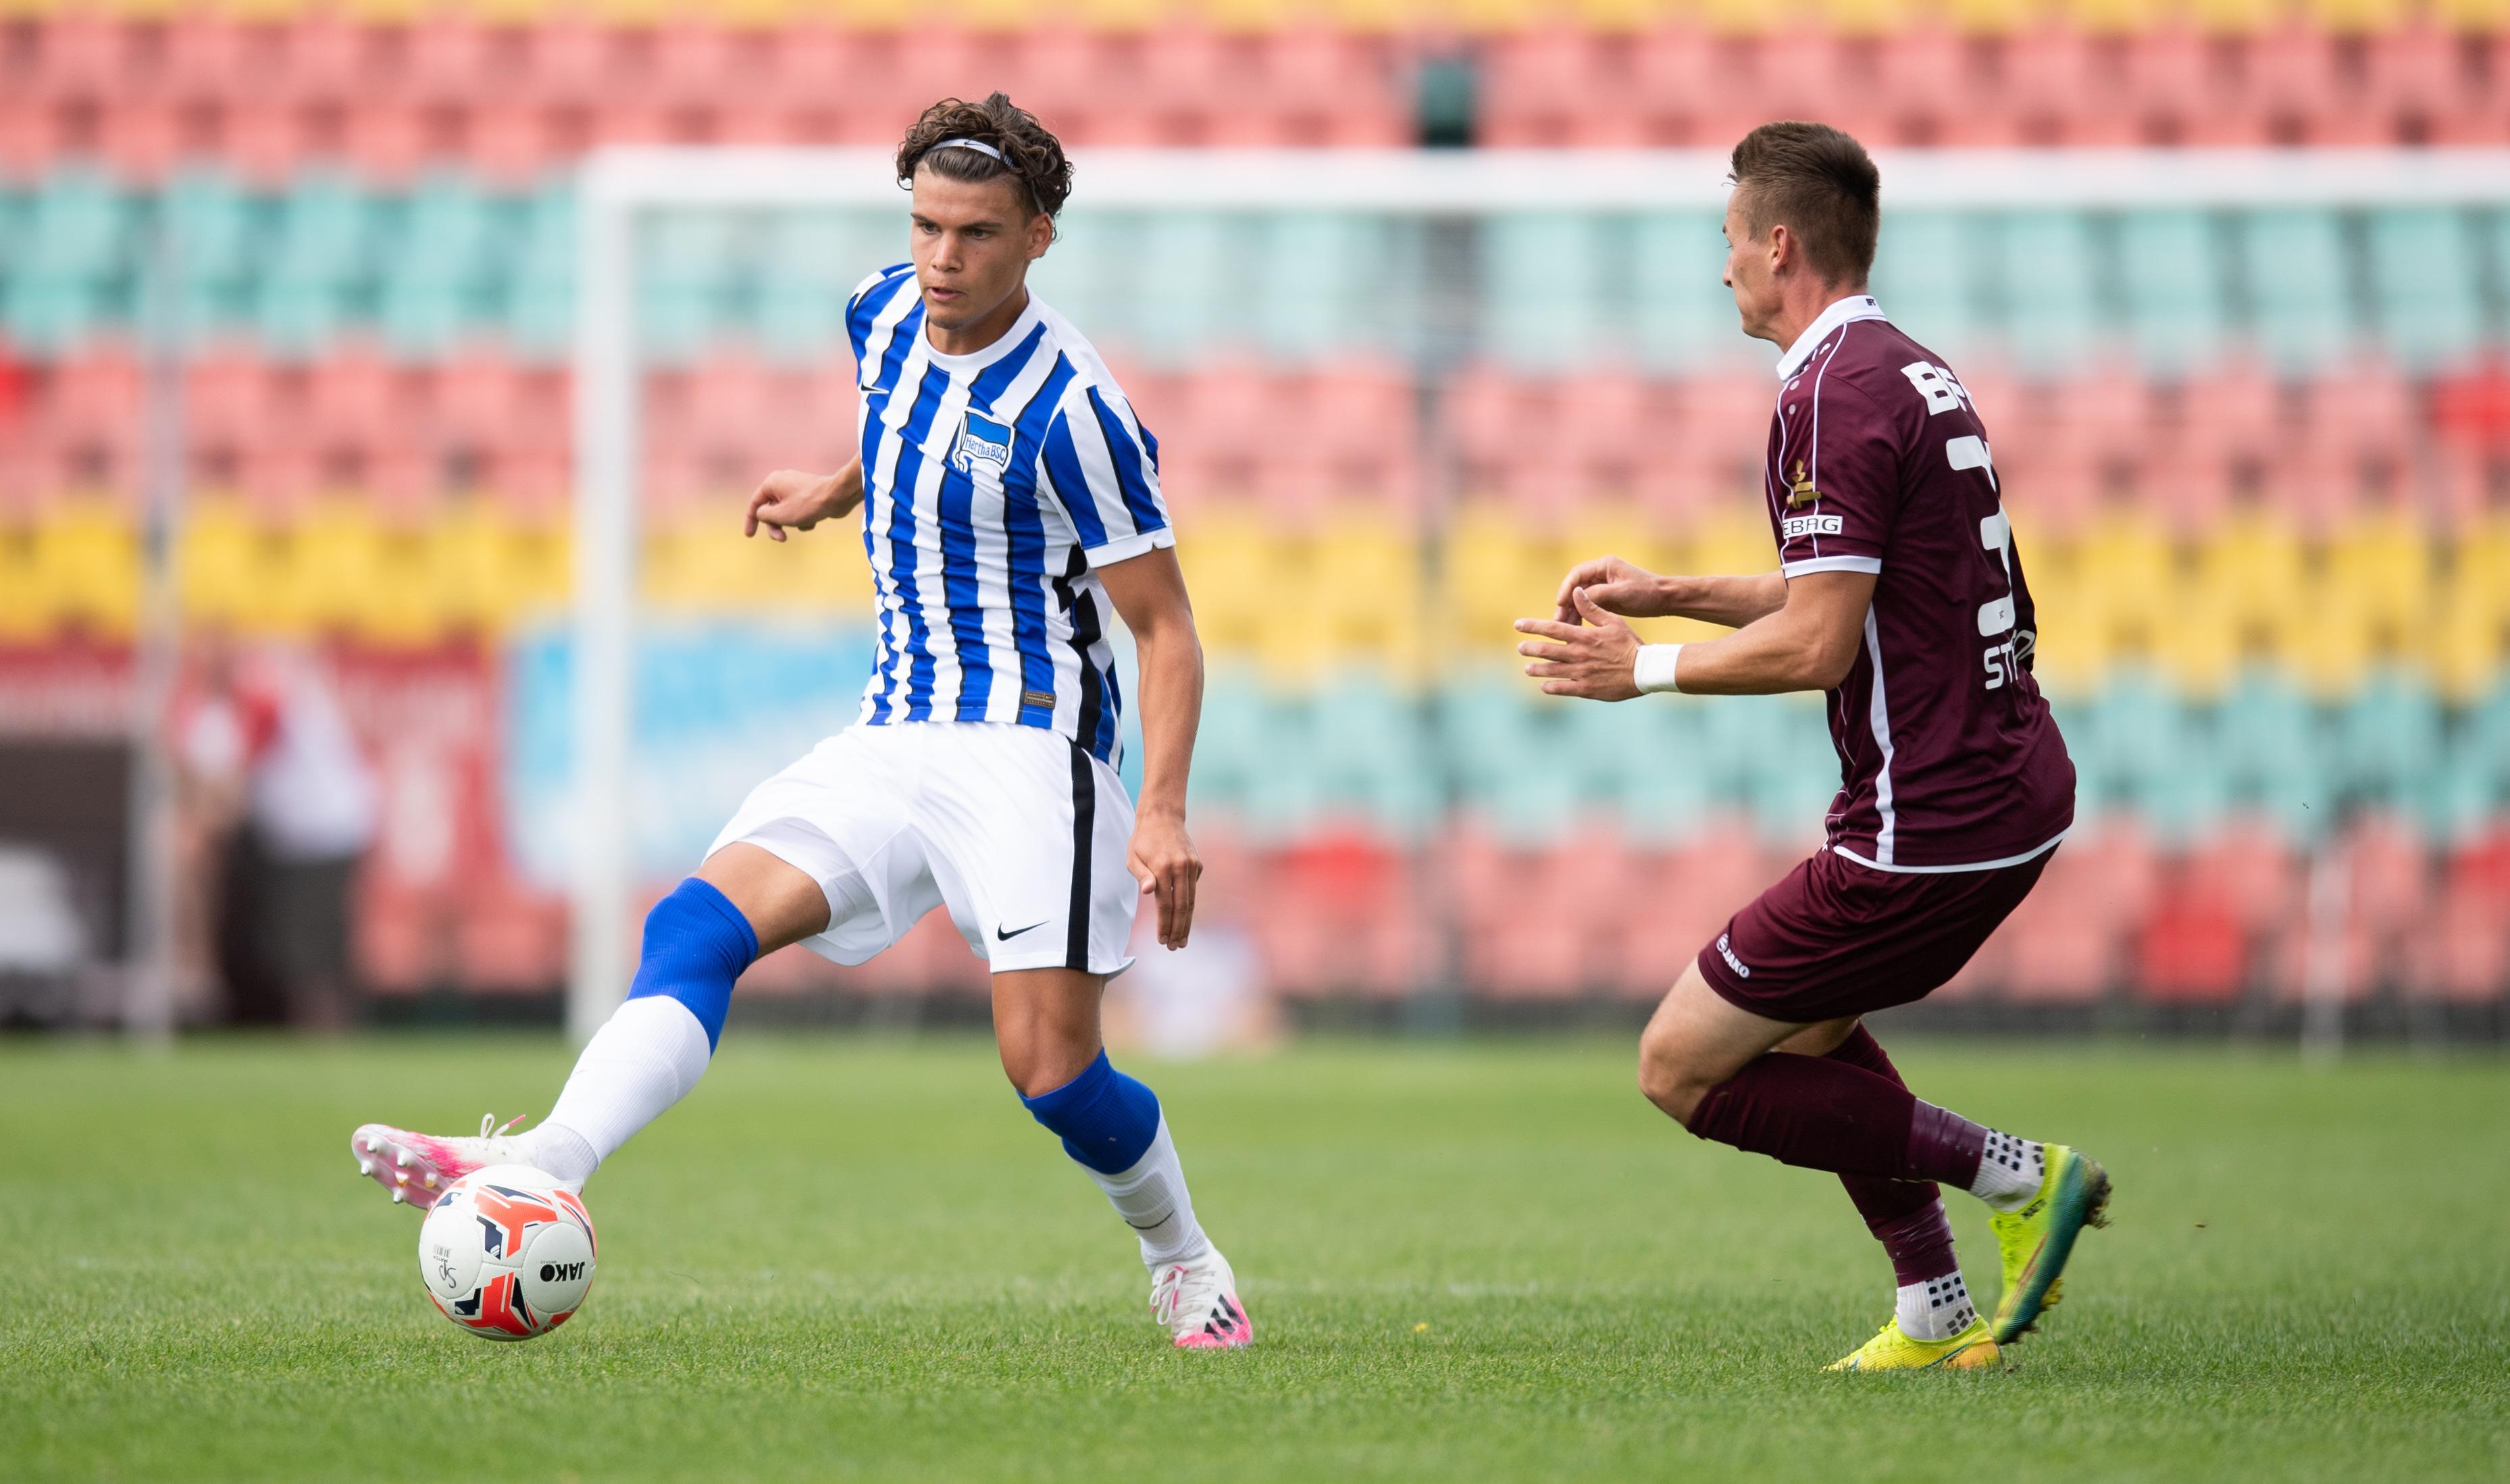 REGIONALLIGA NORDOST - BFC Dynamo v Hertha BSC U23